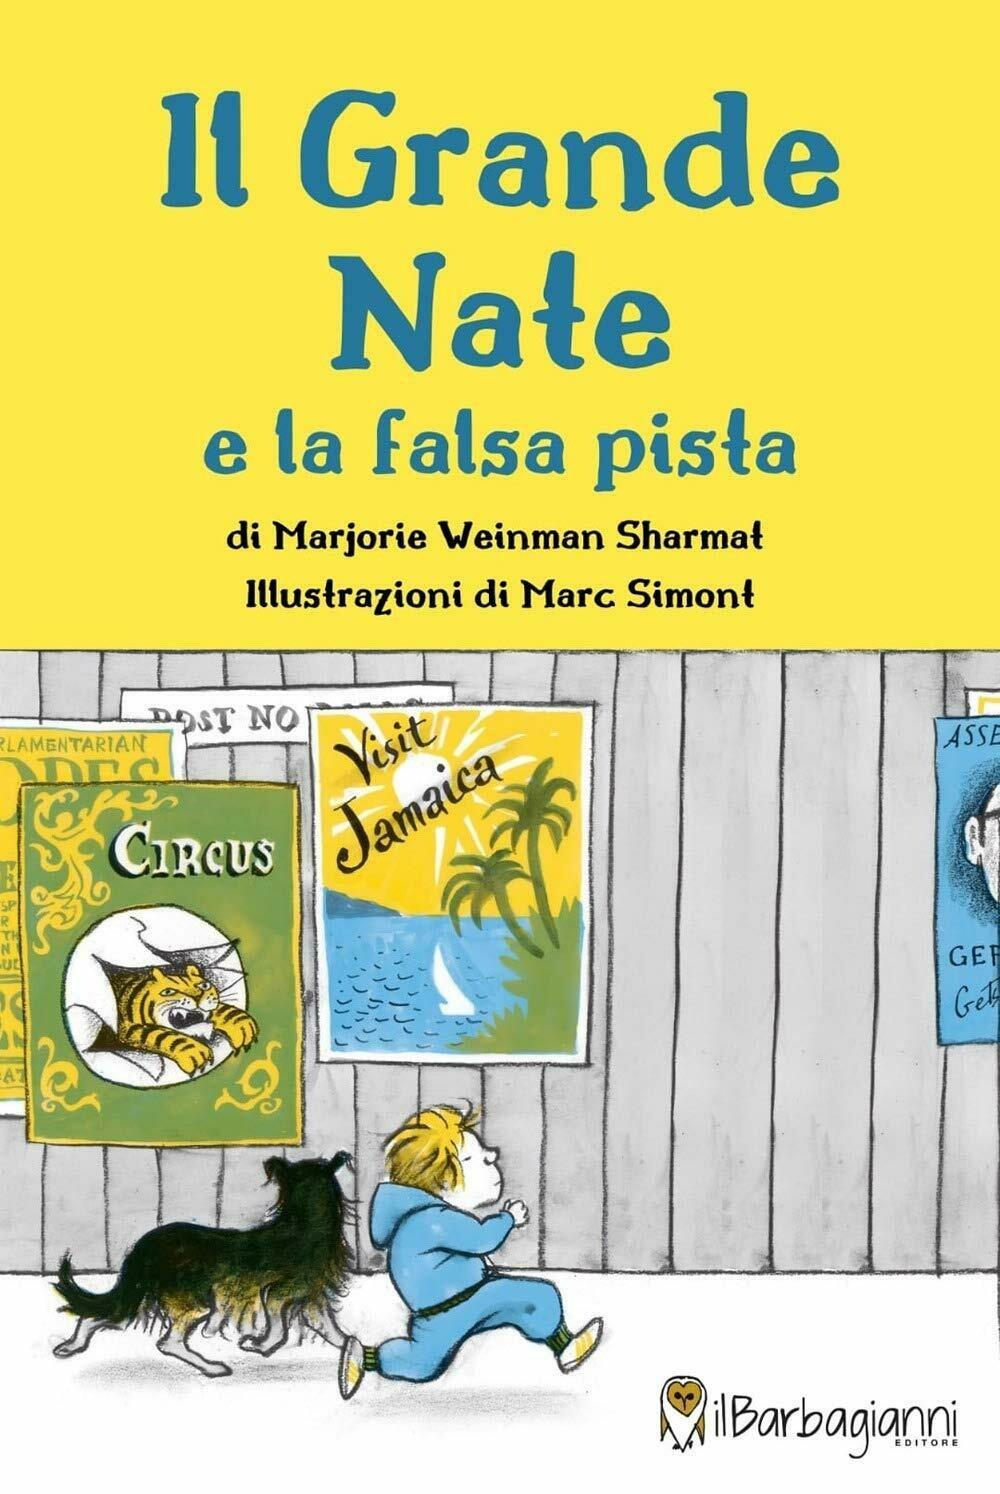 Il grande Nate e la falsa pista